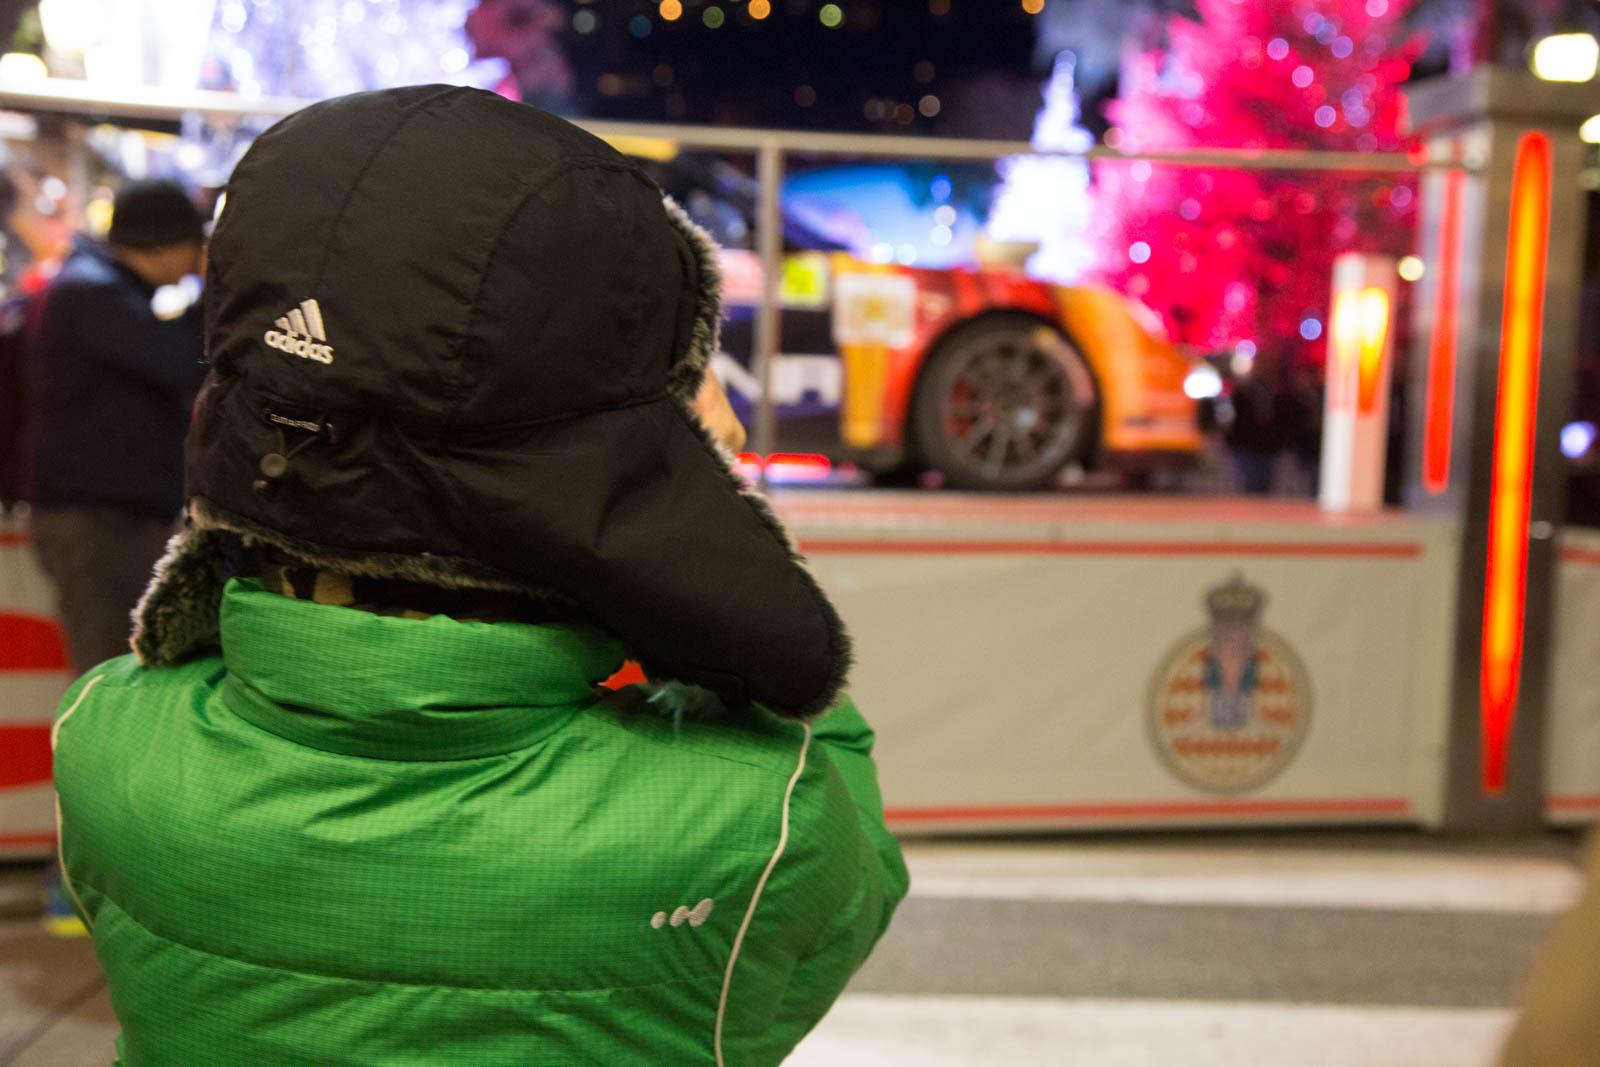 2015-01-22 Rally de Monte-Carlo copyright Ivan Blanco - LR-3434.jpg